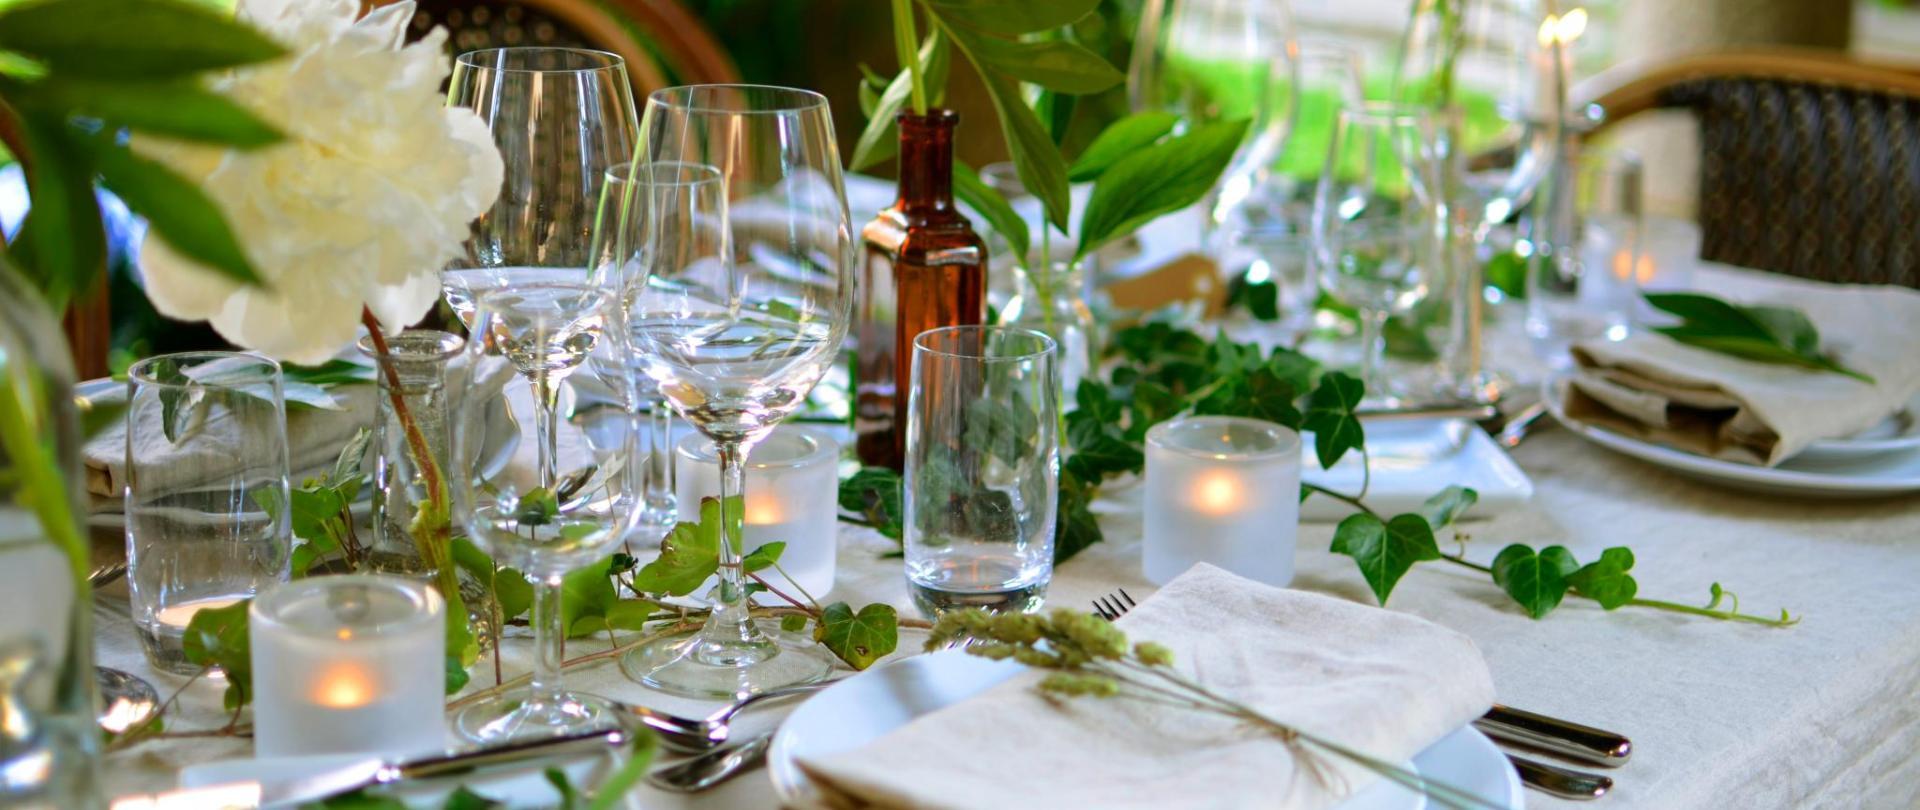 Sommarfest och bröllop_3.jpg